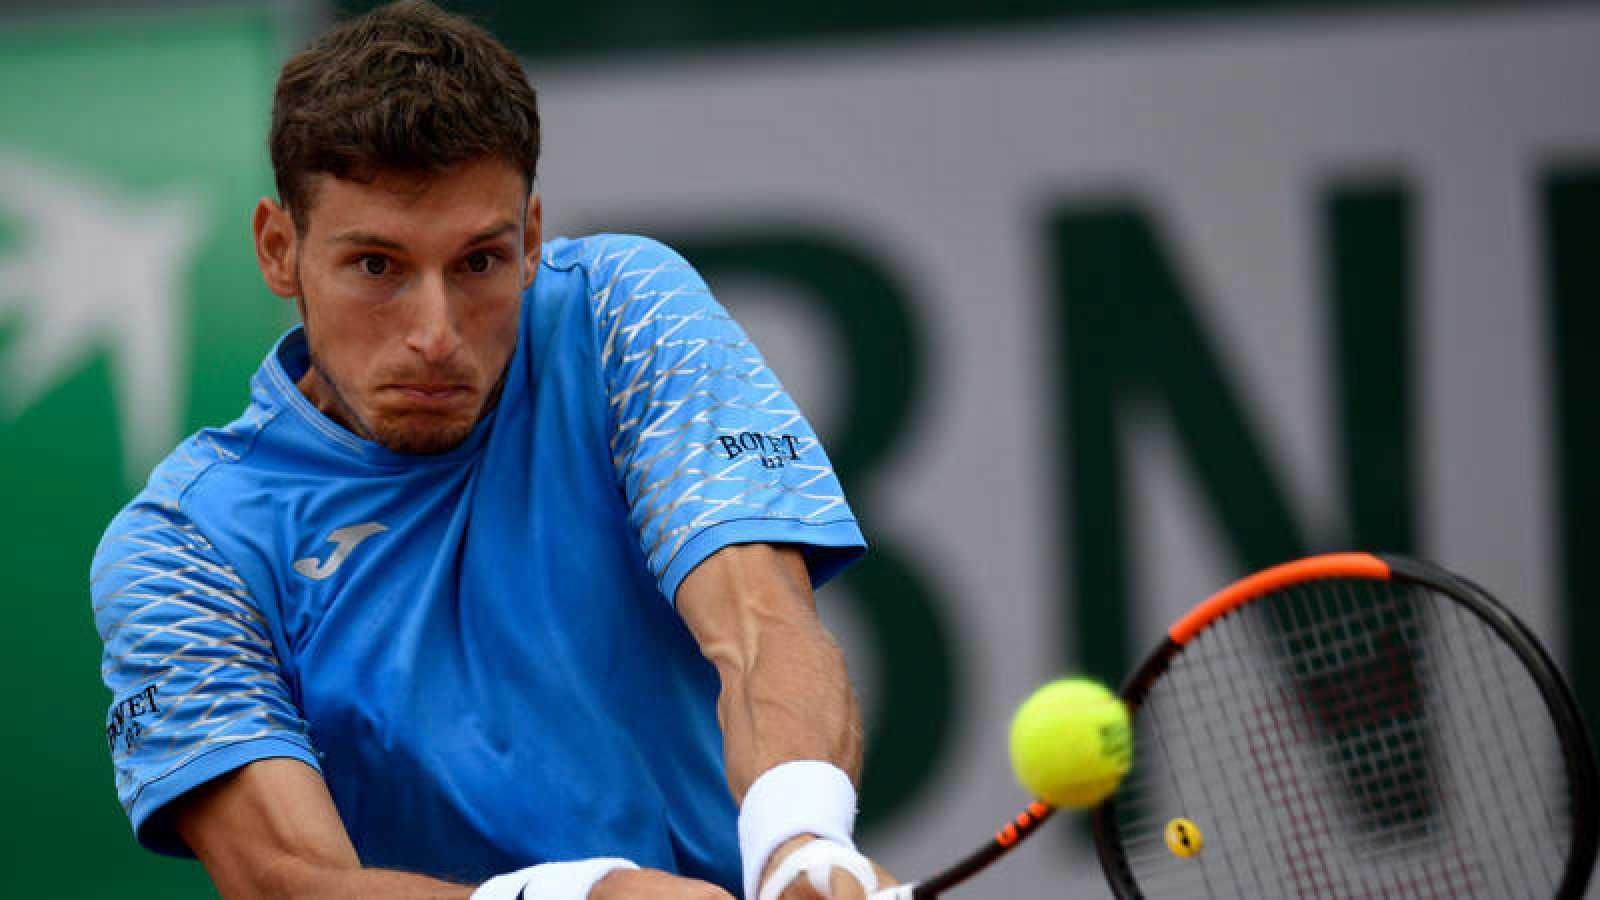 El tenista español Pablo Carreño devuelve una bola al argentino Delbonis.